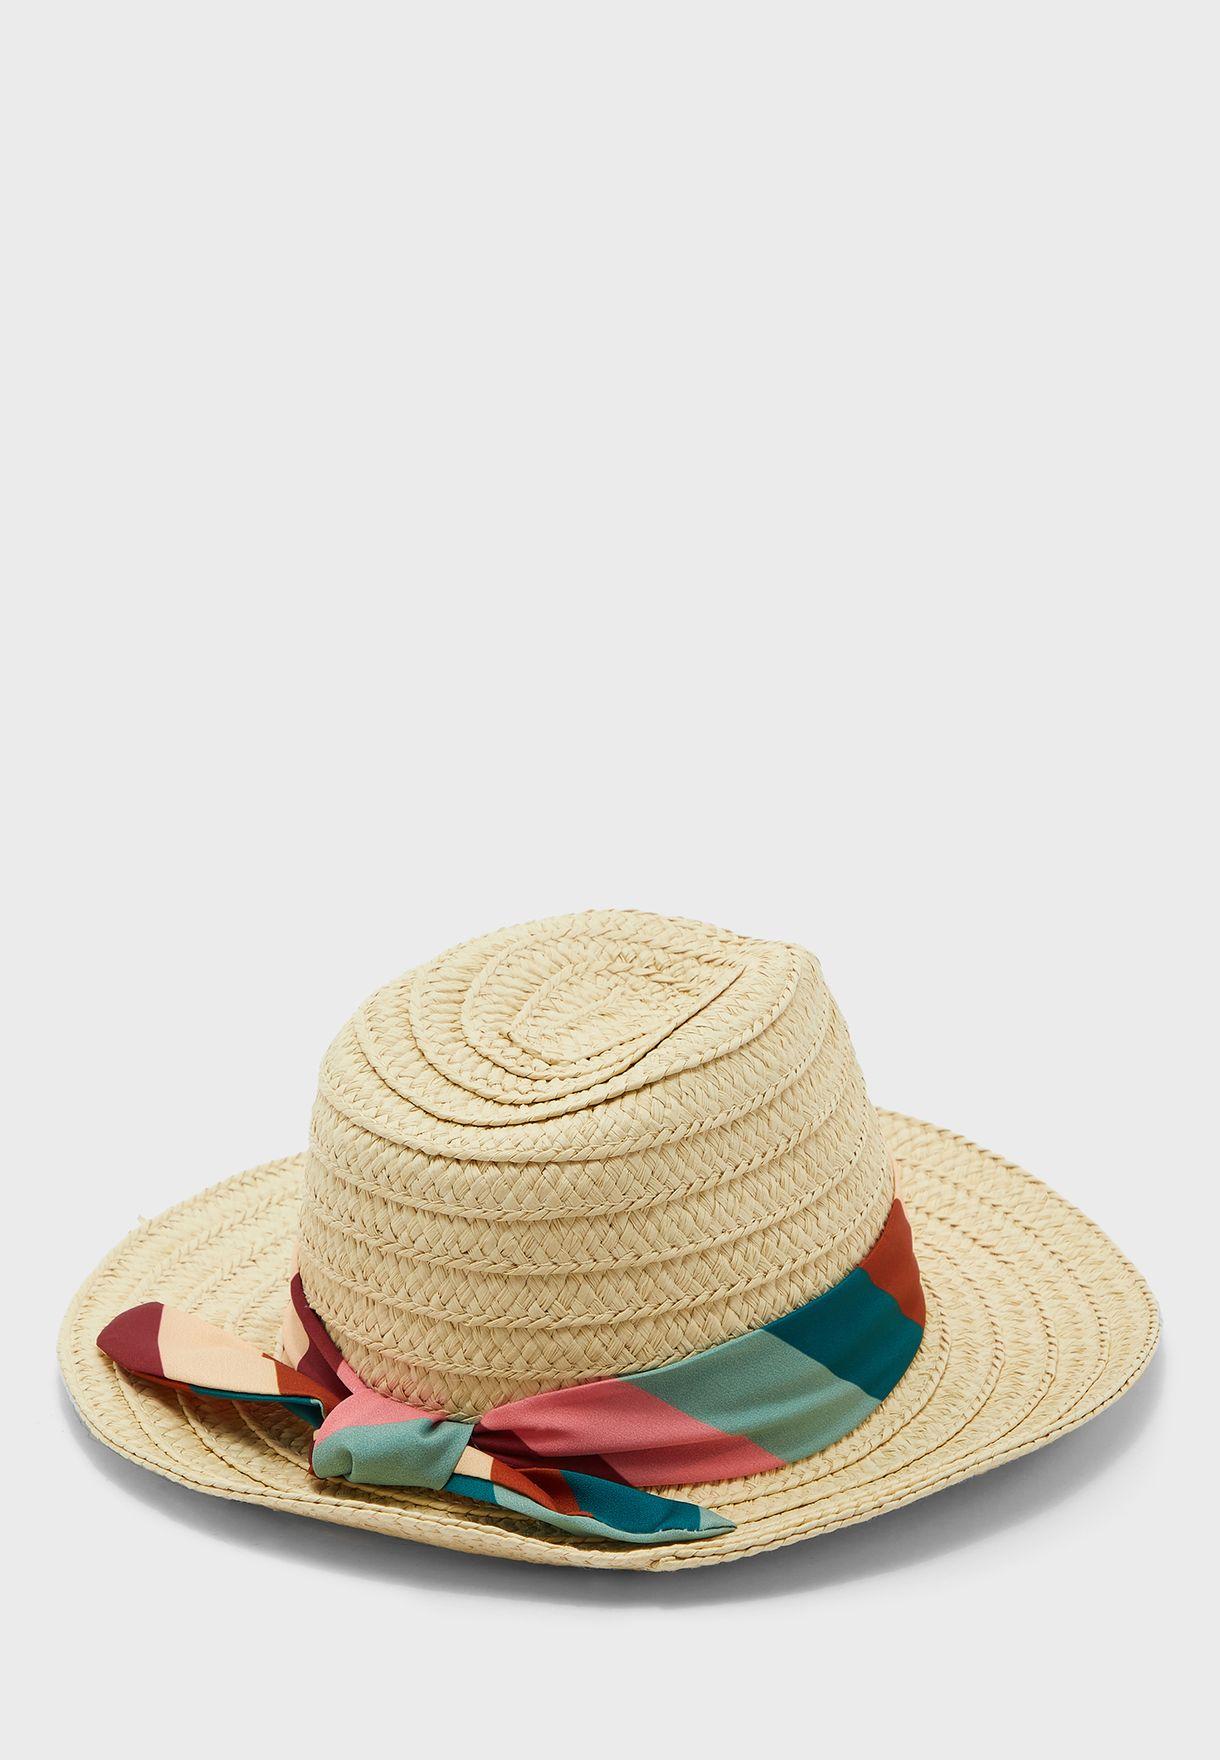 قبعة بوشاح للاطفال